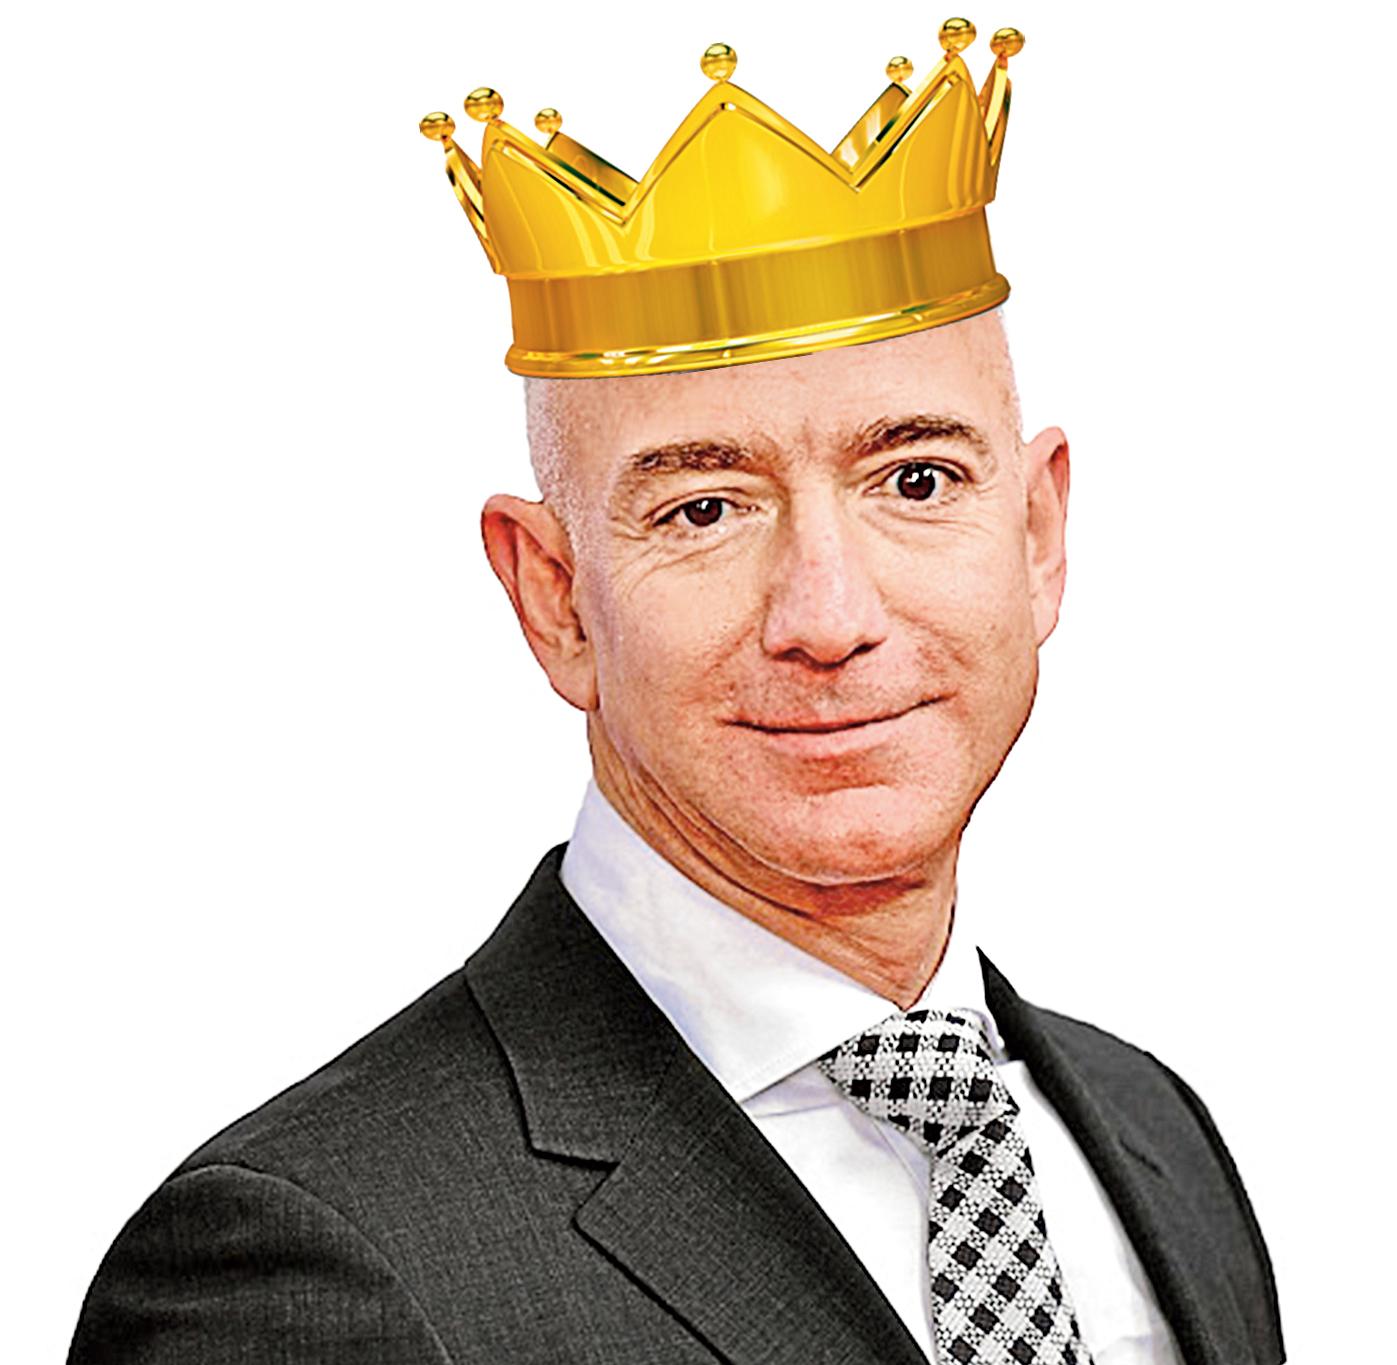 Power people: Amazon's Jeff Bezos